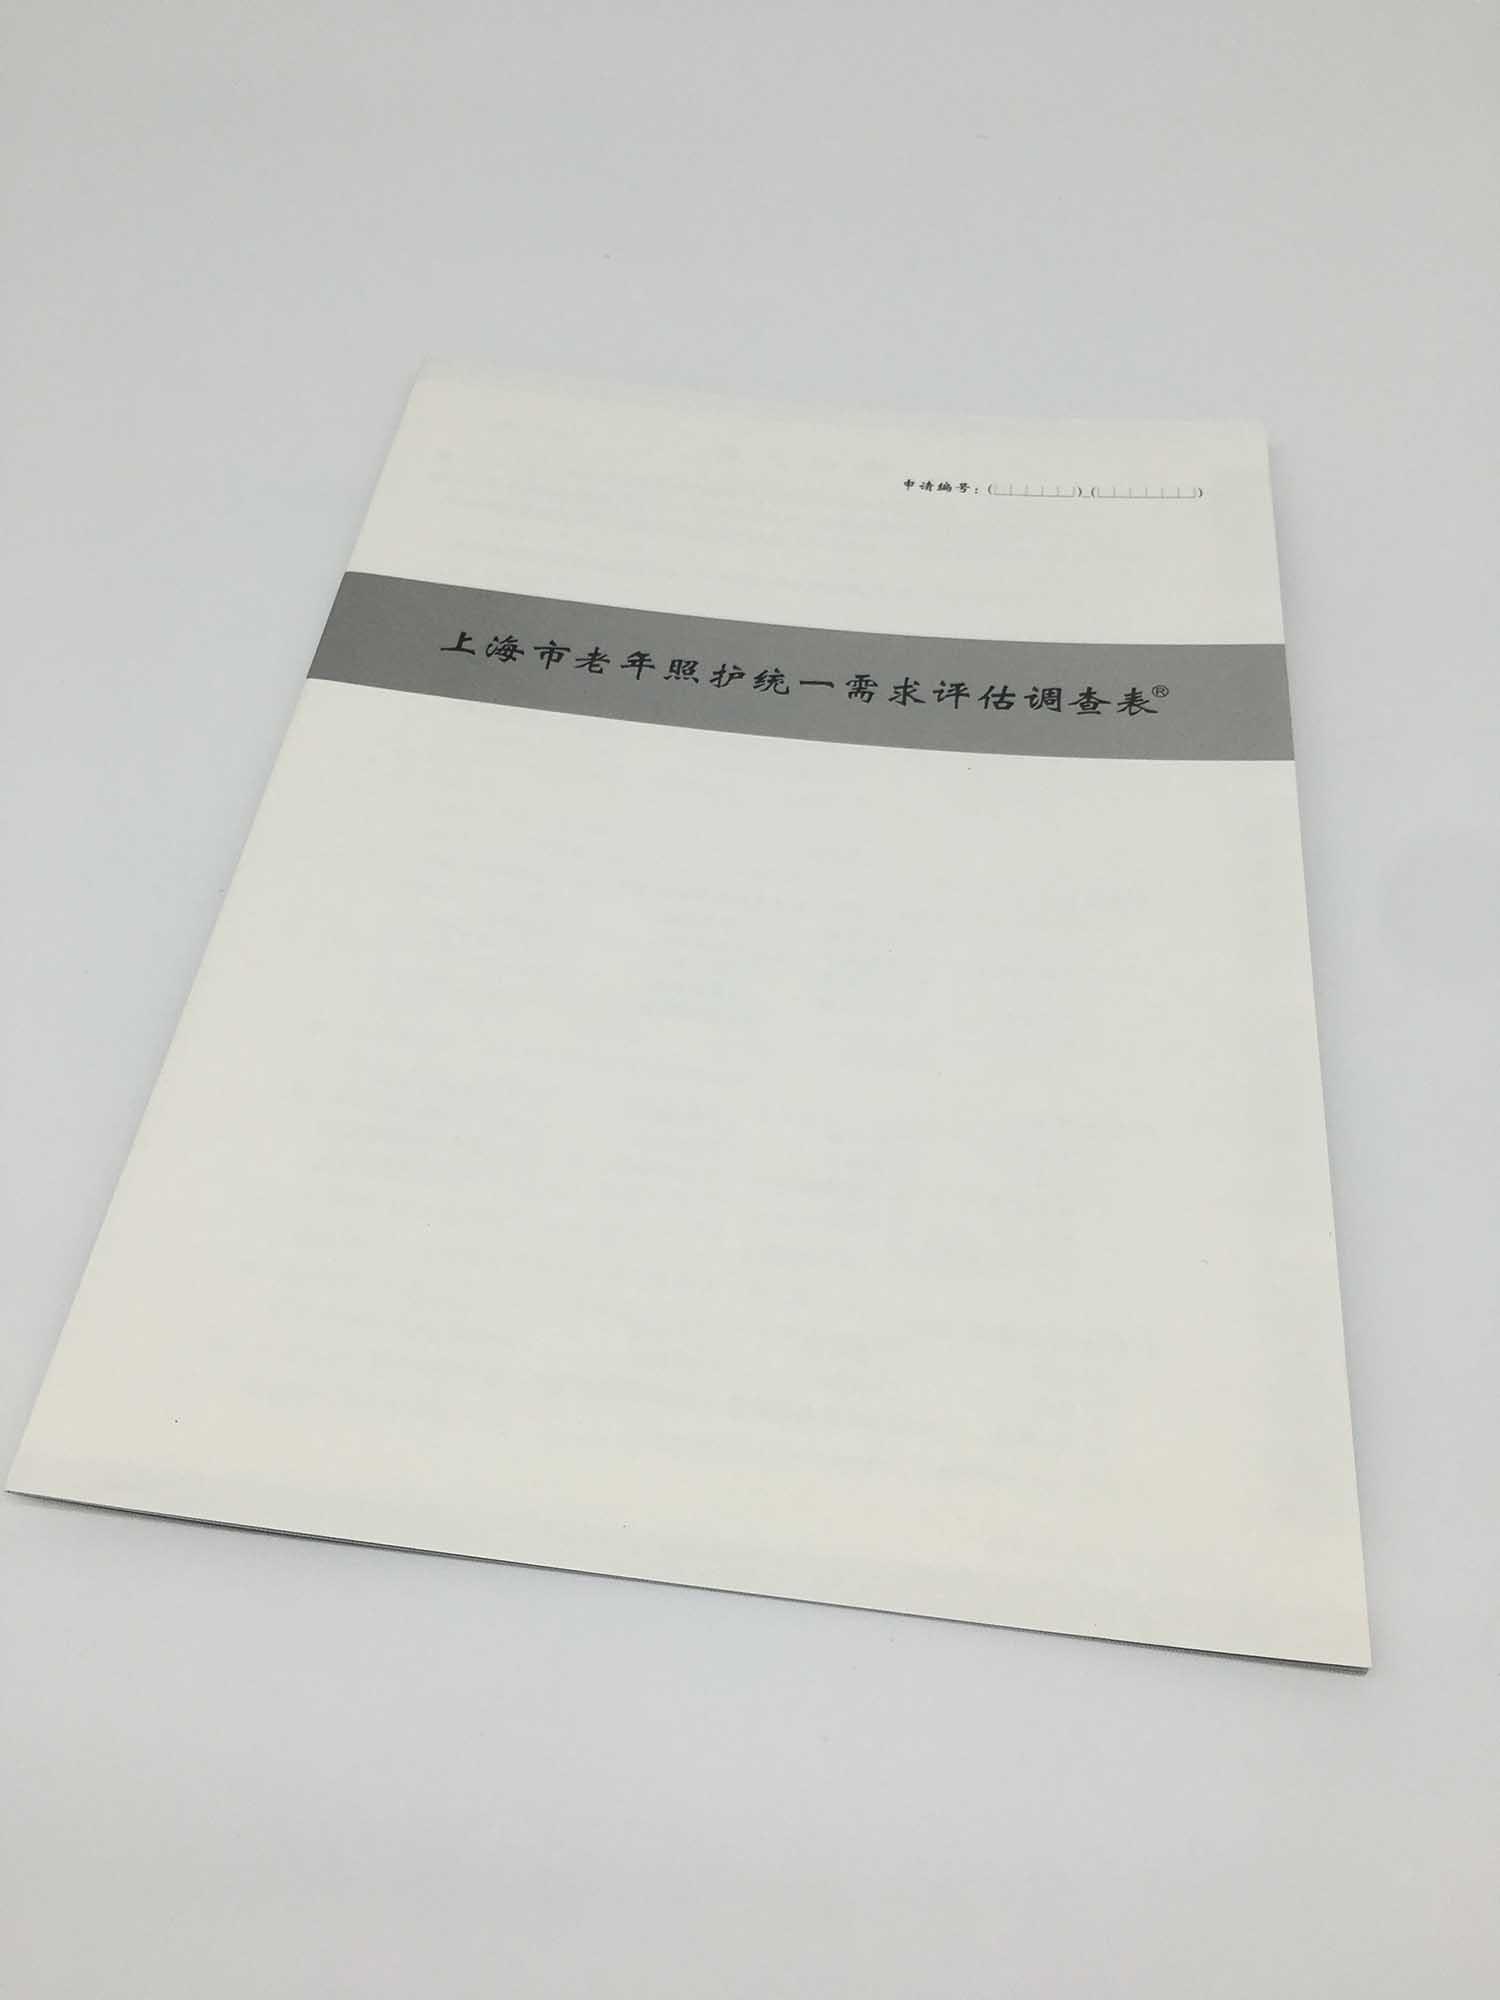 逊克印刷厂画册样本宣传册定制